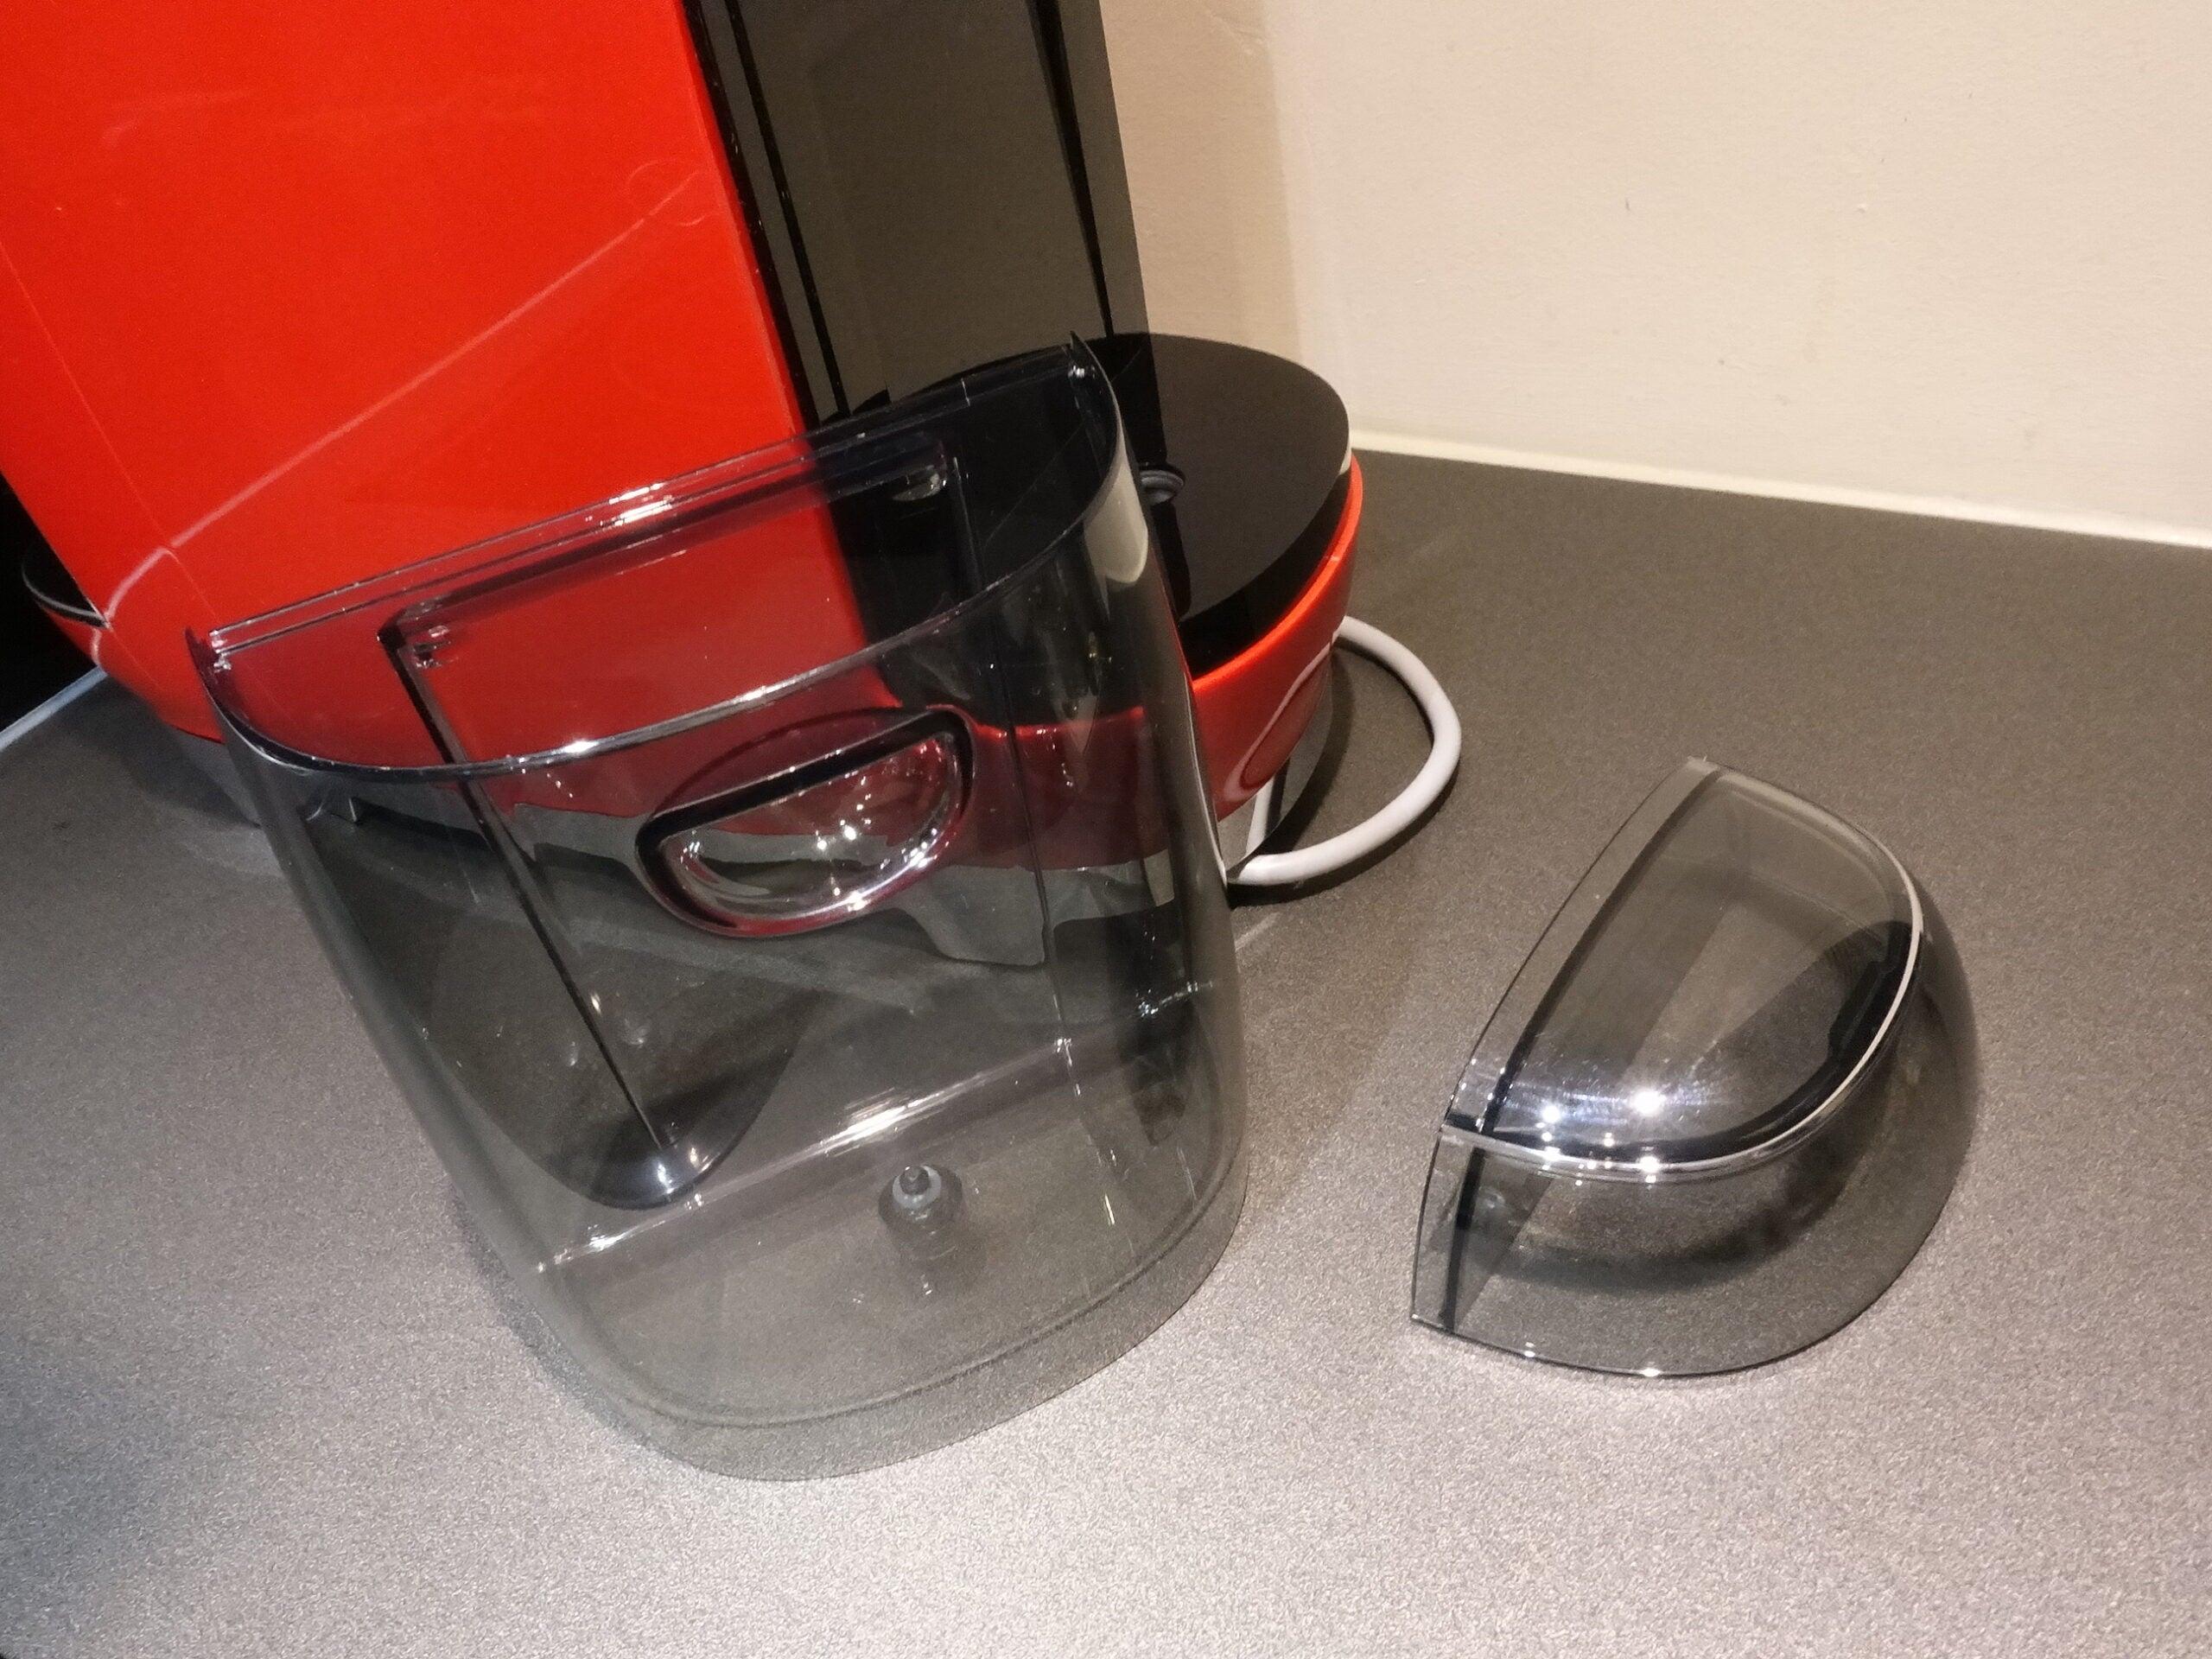 Lavazza A Modo Mio Smeg empty water tank